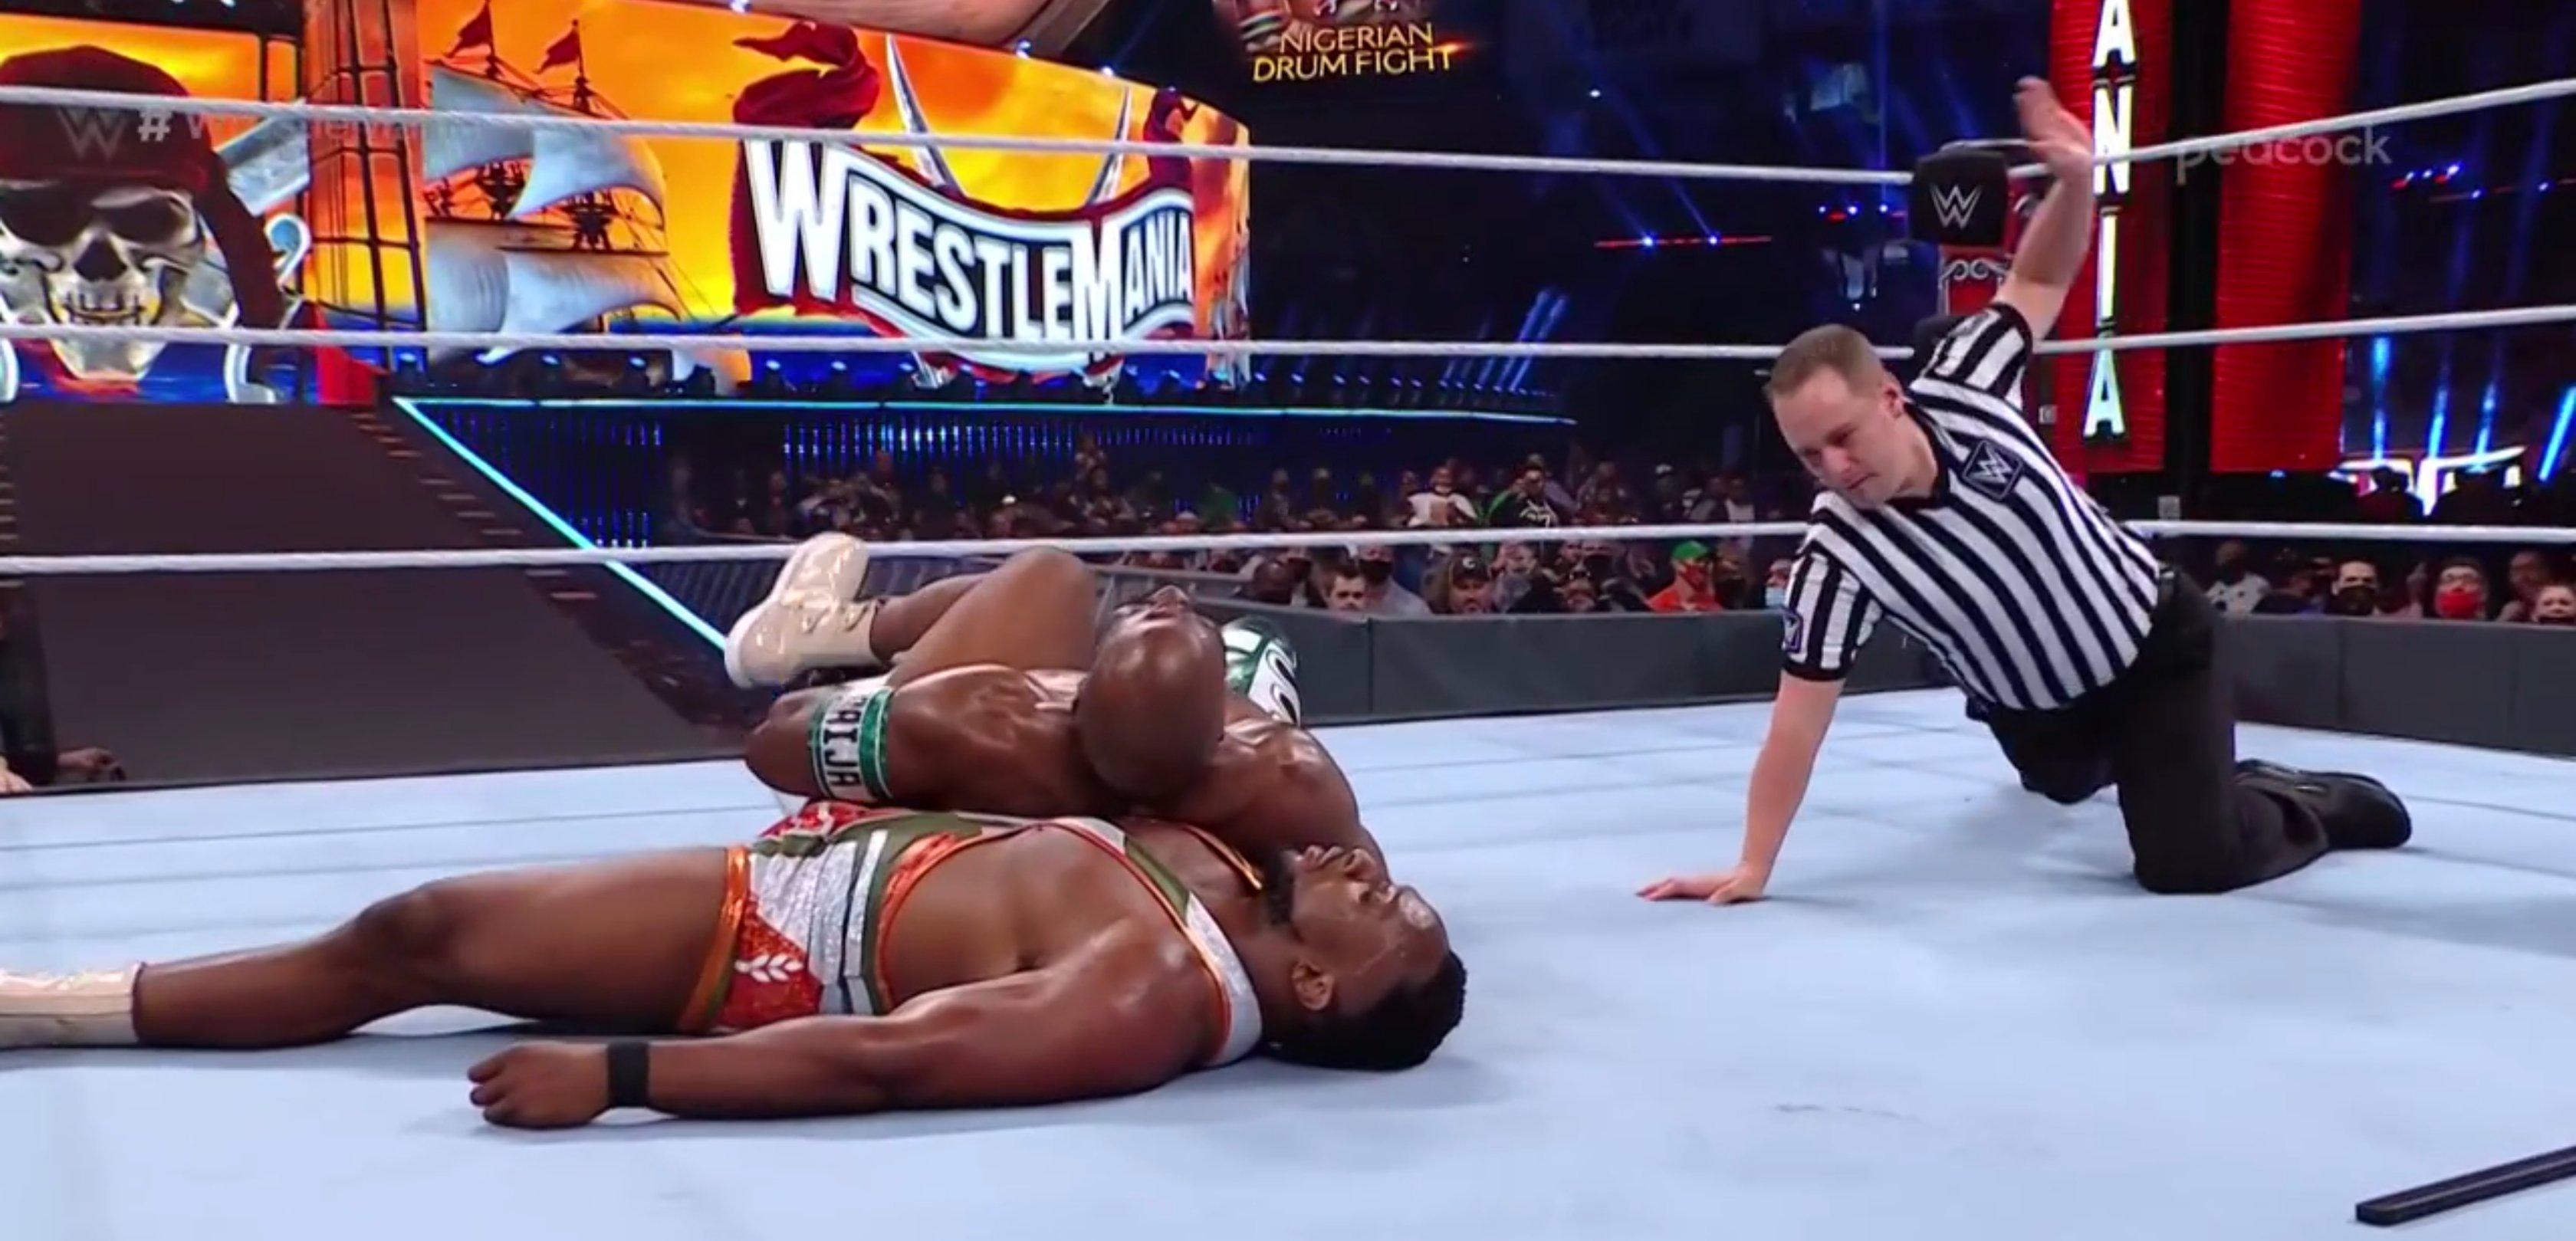 Apollo Crews pins Big E at WrestleMania 37